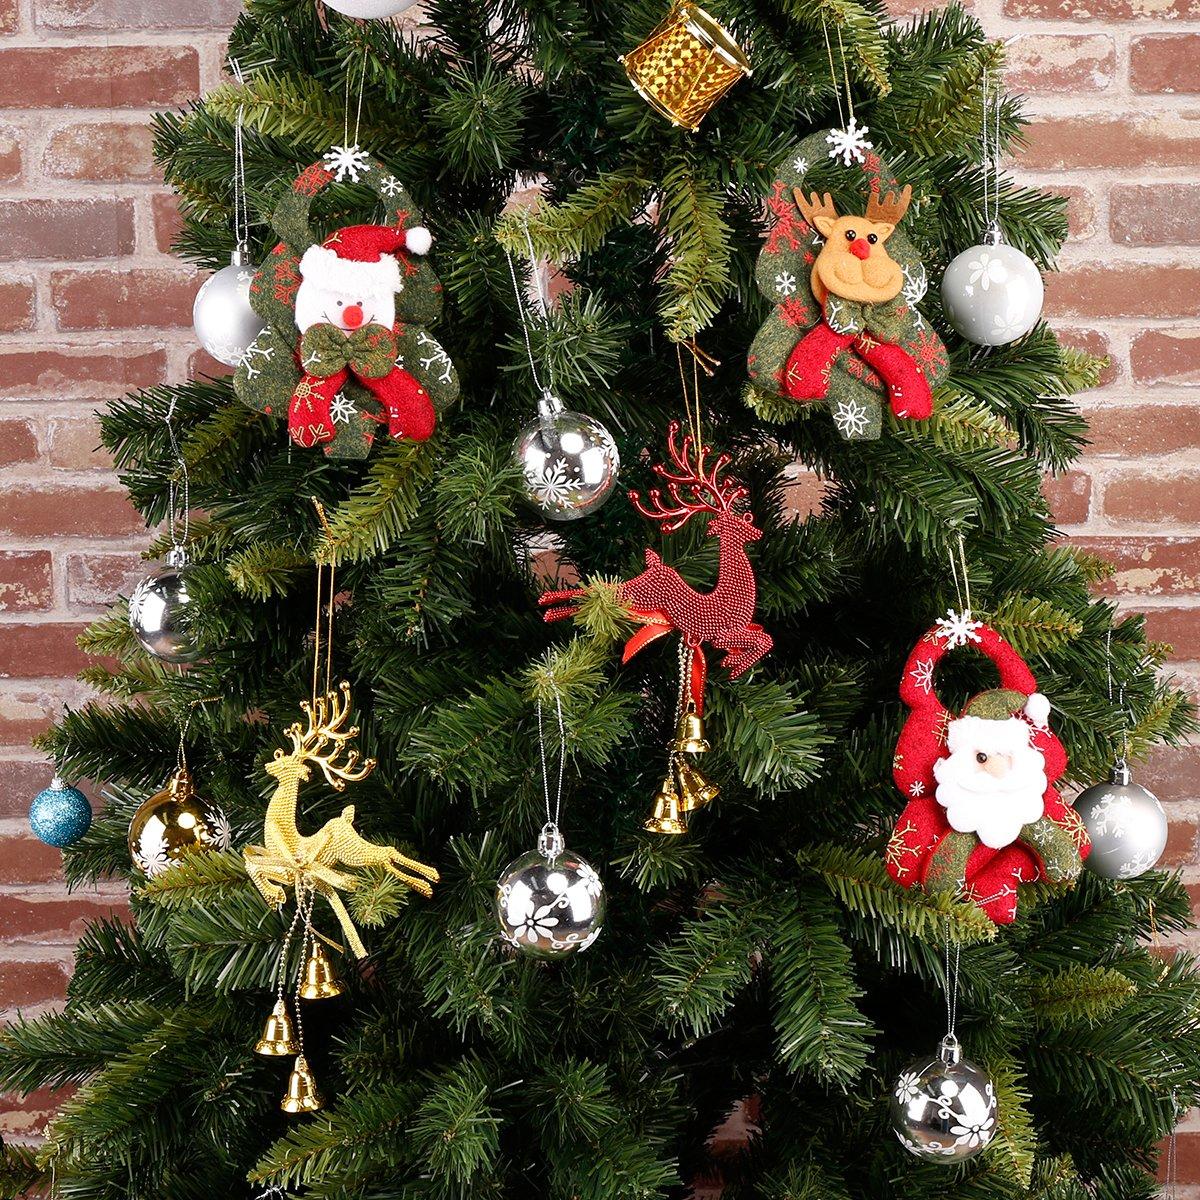 Nuovo Moda e Elegante 3D Ornamenti di Natale Albero di Natale Ciondolo Natale Festival Albero Soprammobili Accessori Non Tessuto Ciondolo Tridimensionale Babbo Natale Ciondolo Albero Alce (Renna)